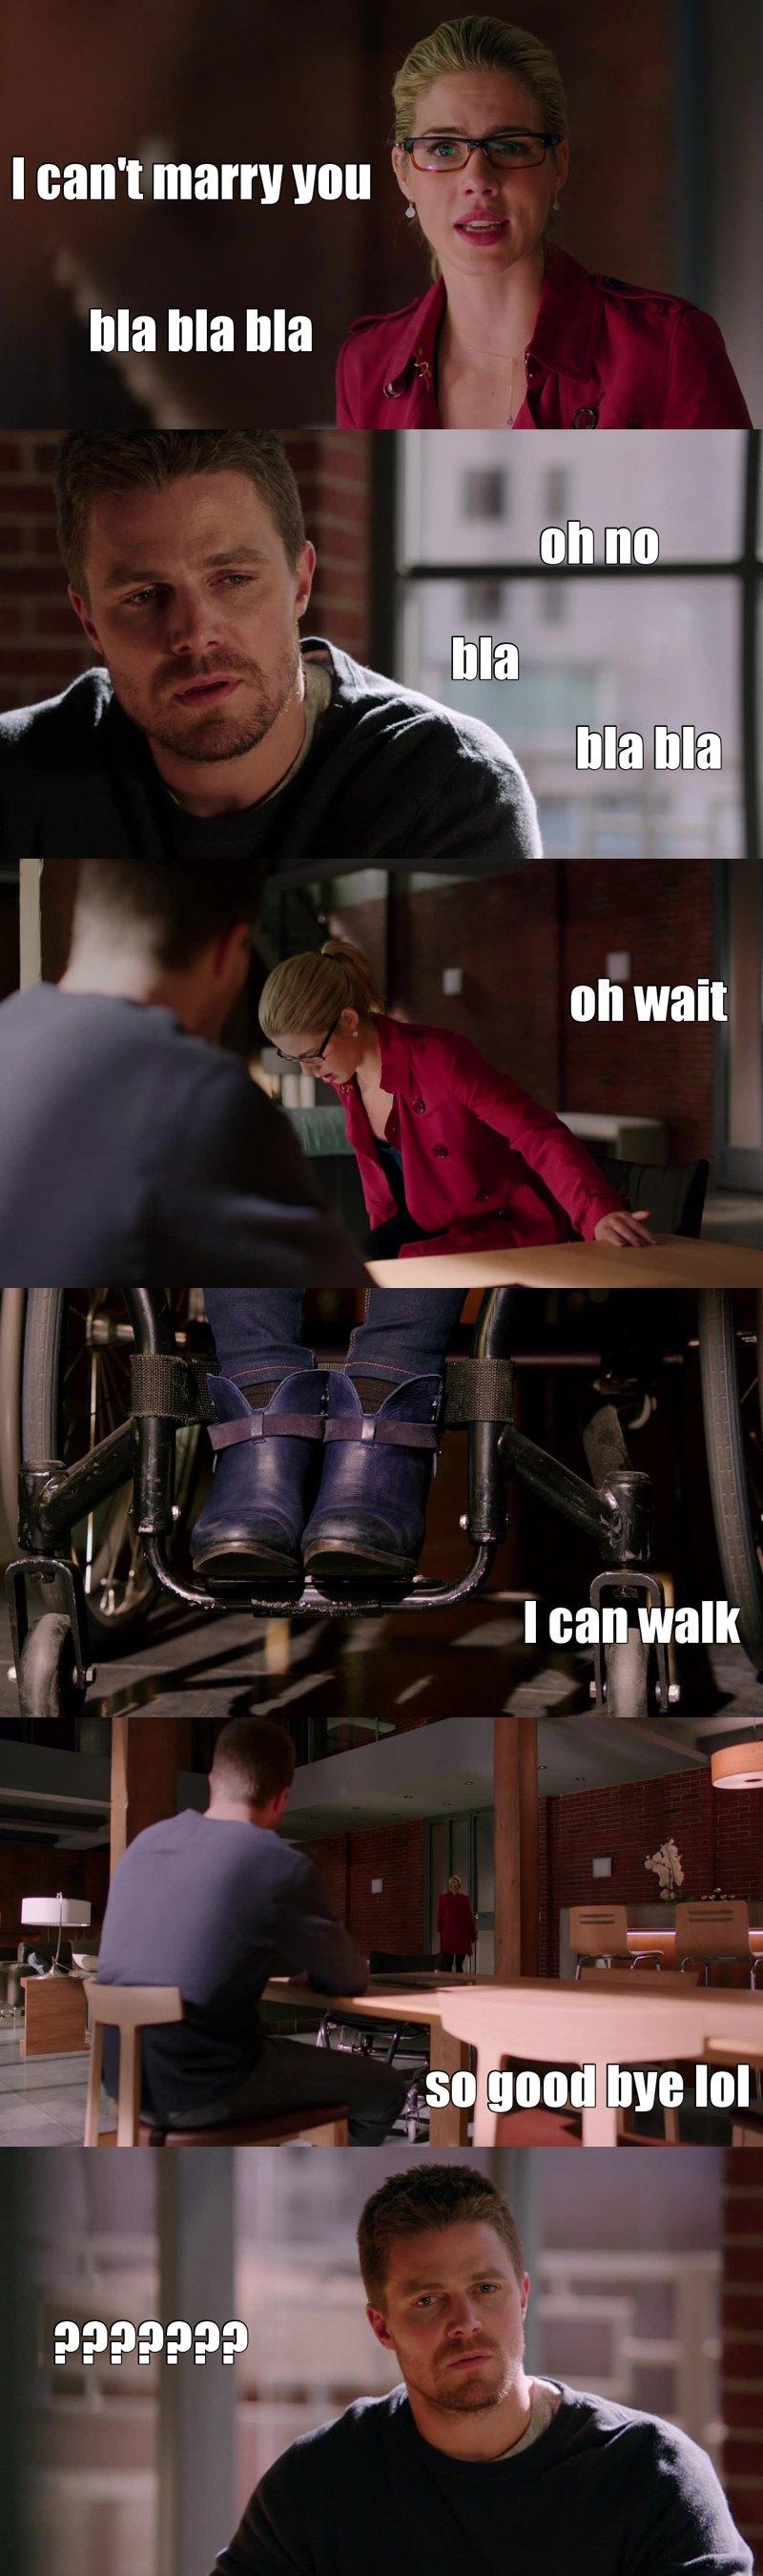 super episode franchement mais la fin est carrément lourde. Elle est pas plus choquer que ca de pouvoir marcher et direct elle s'en va sans son fauteuil c'est gros quand même